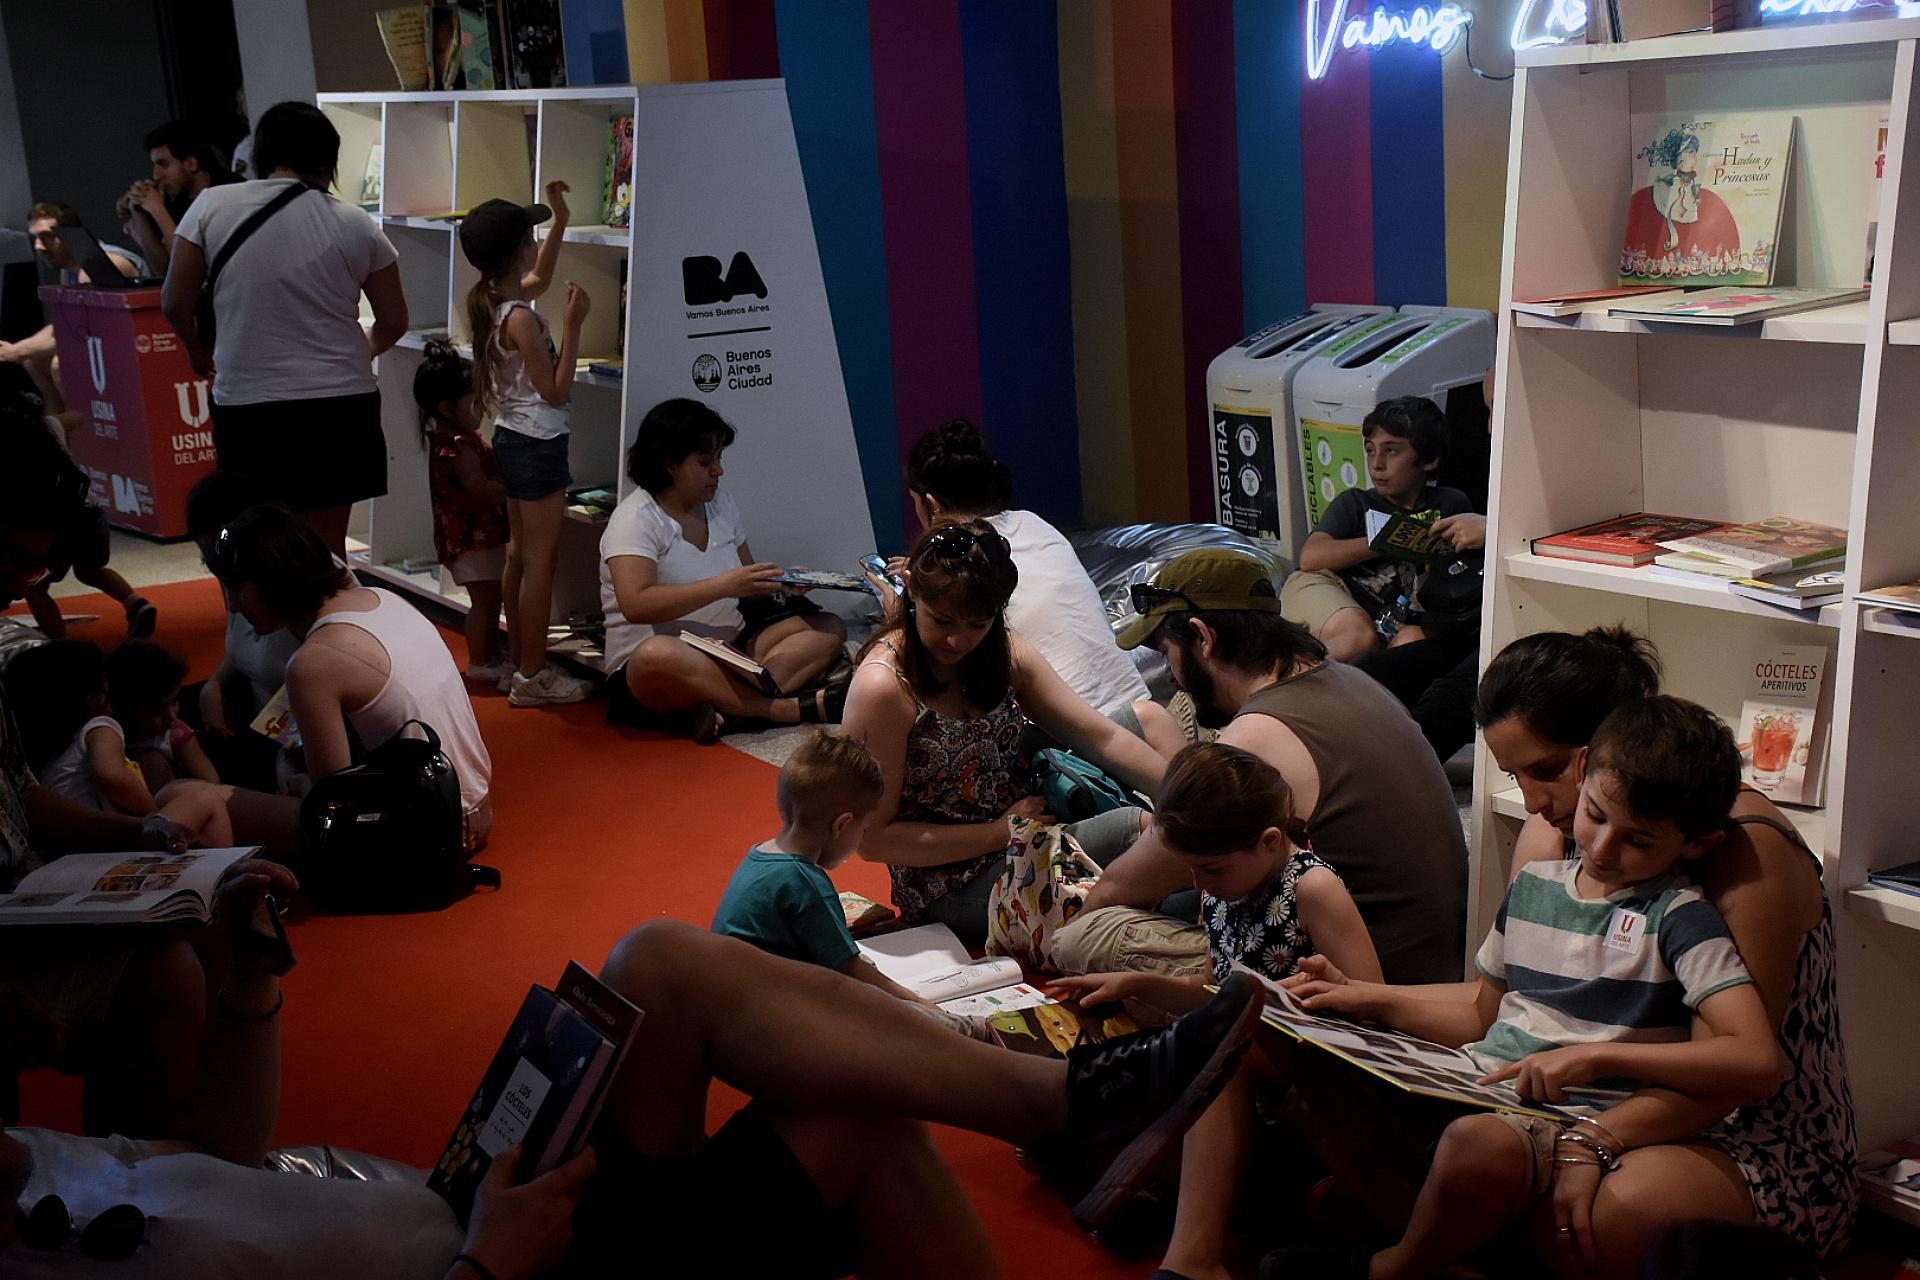 En la Usina del Arte se pensó un espacio exclusivo para los más chicos, con clases de dulces de cuchara para niños, de tiramisú